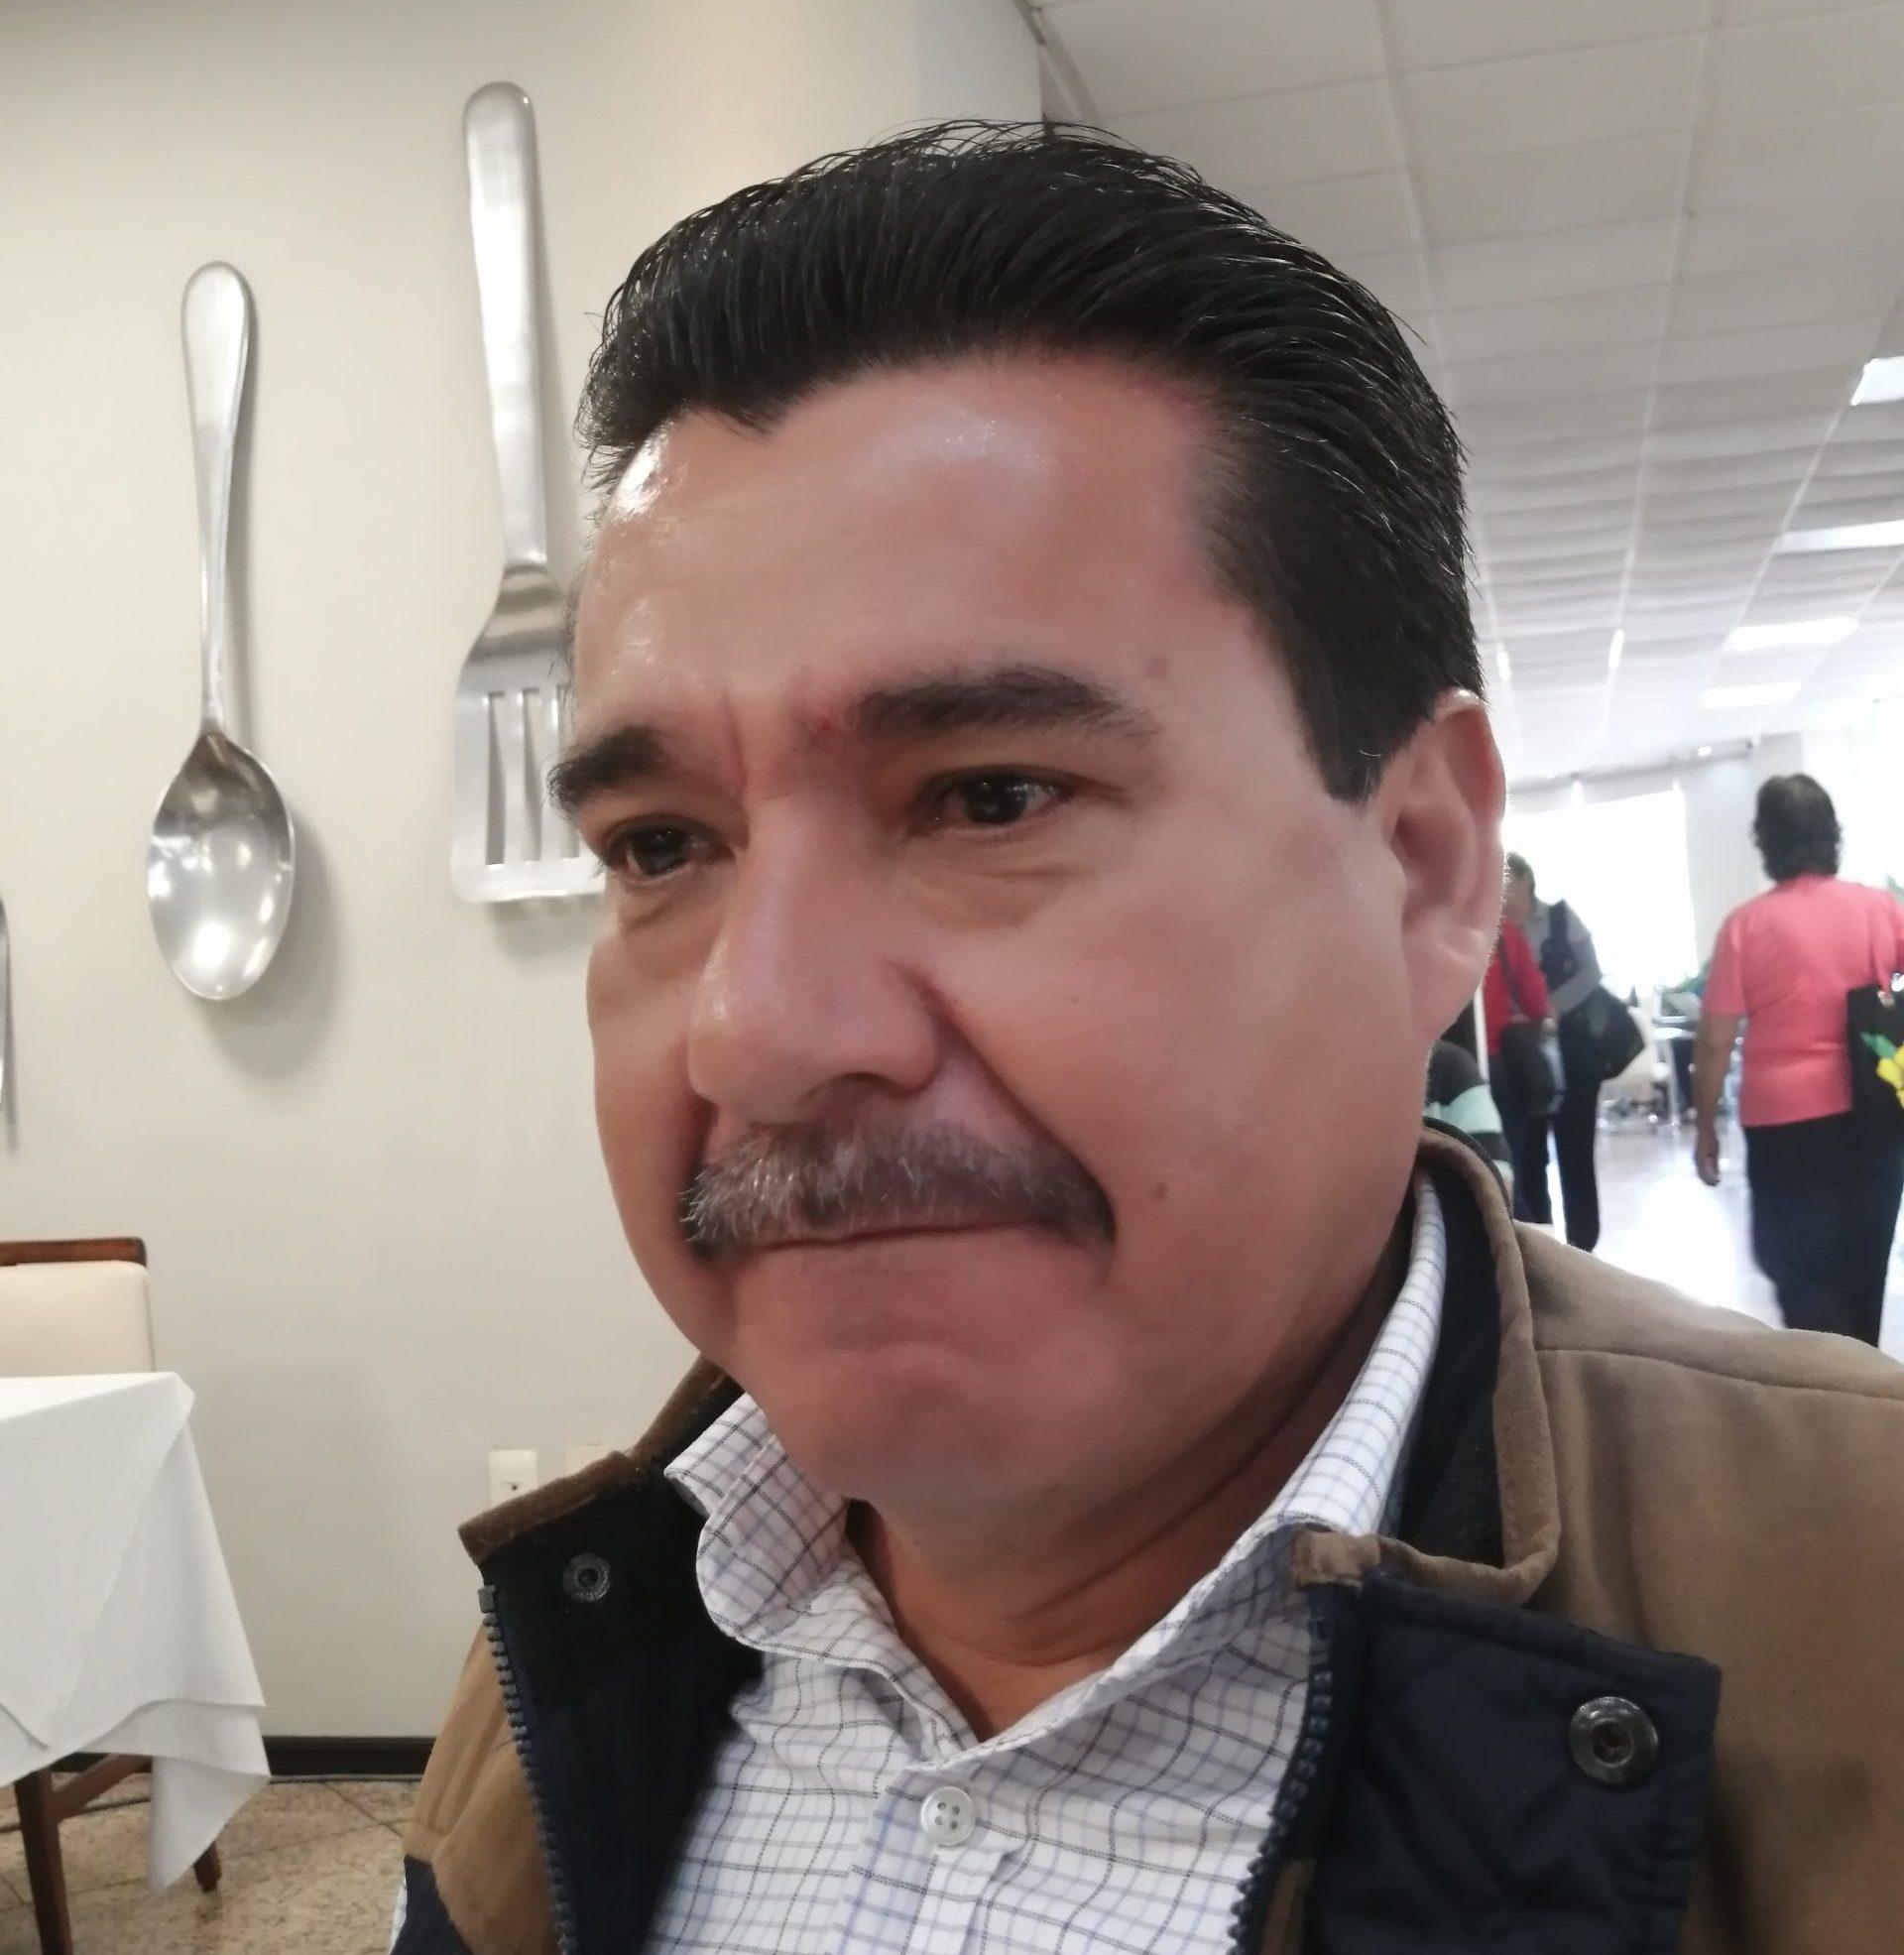 Estamos conformando comités de defensa de la Cuarta Transformación: Carrillo